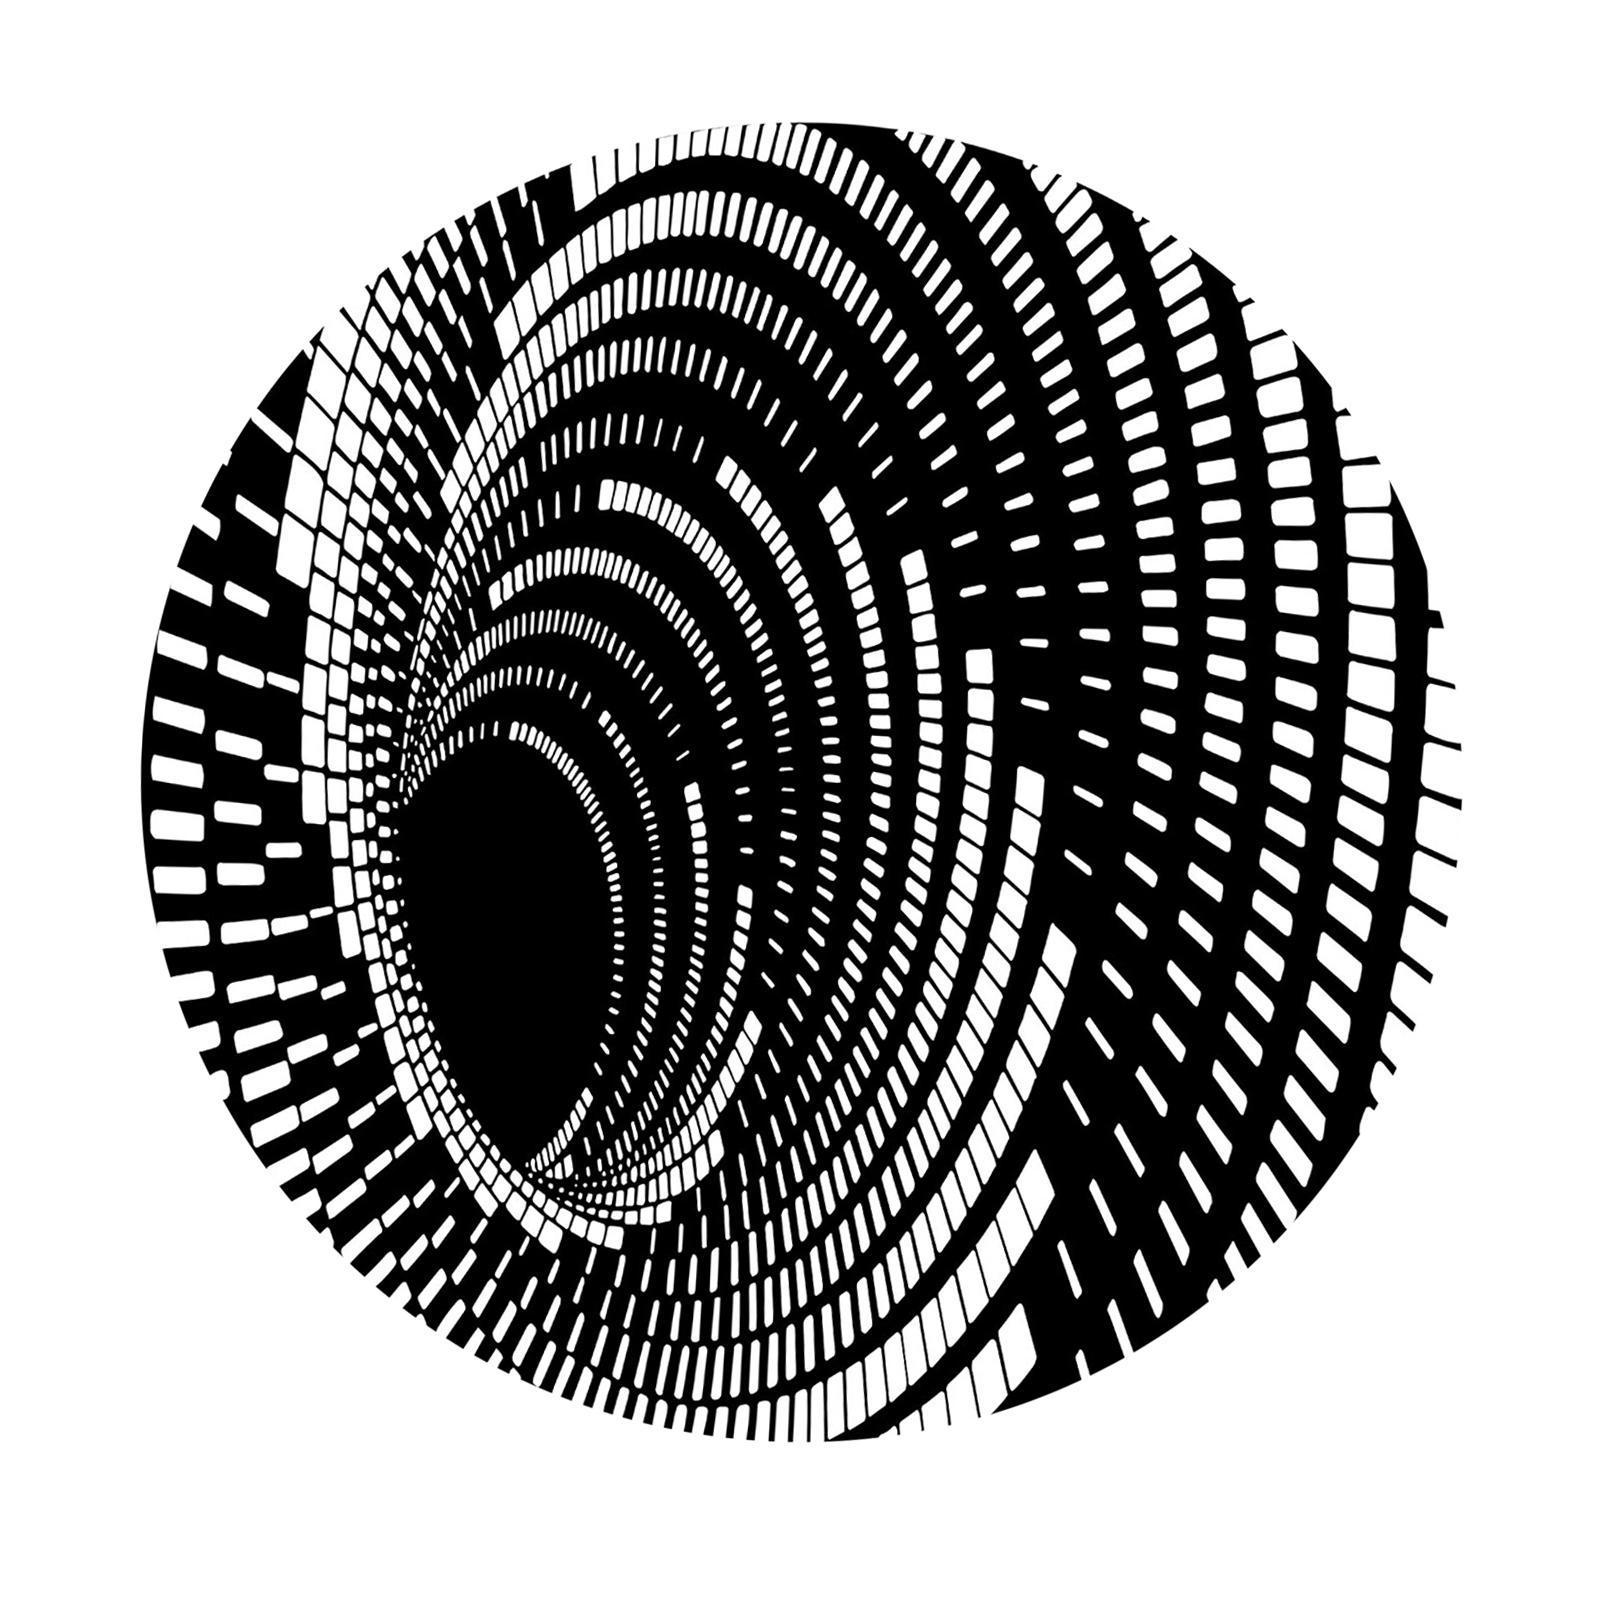 miniatura 9 - Tappetino-per-tappetino-antiscivolo-con-motivo-a-vortice-rotondo-3D